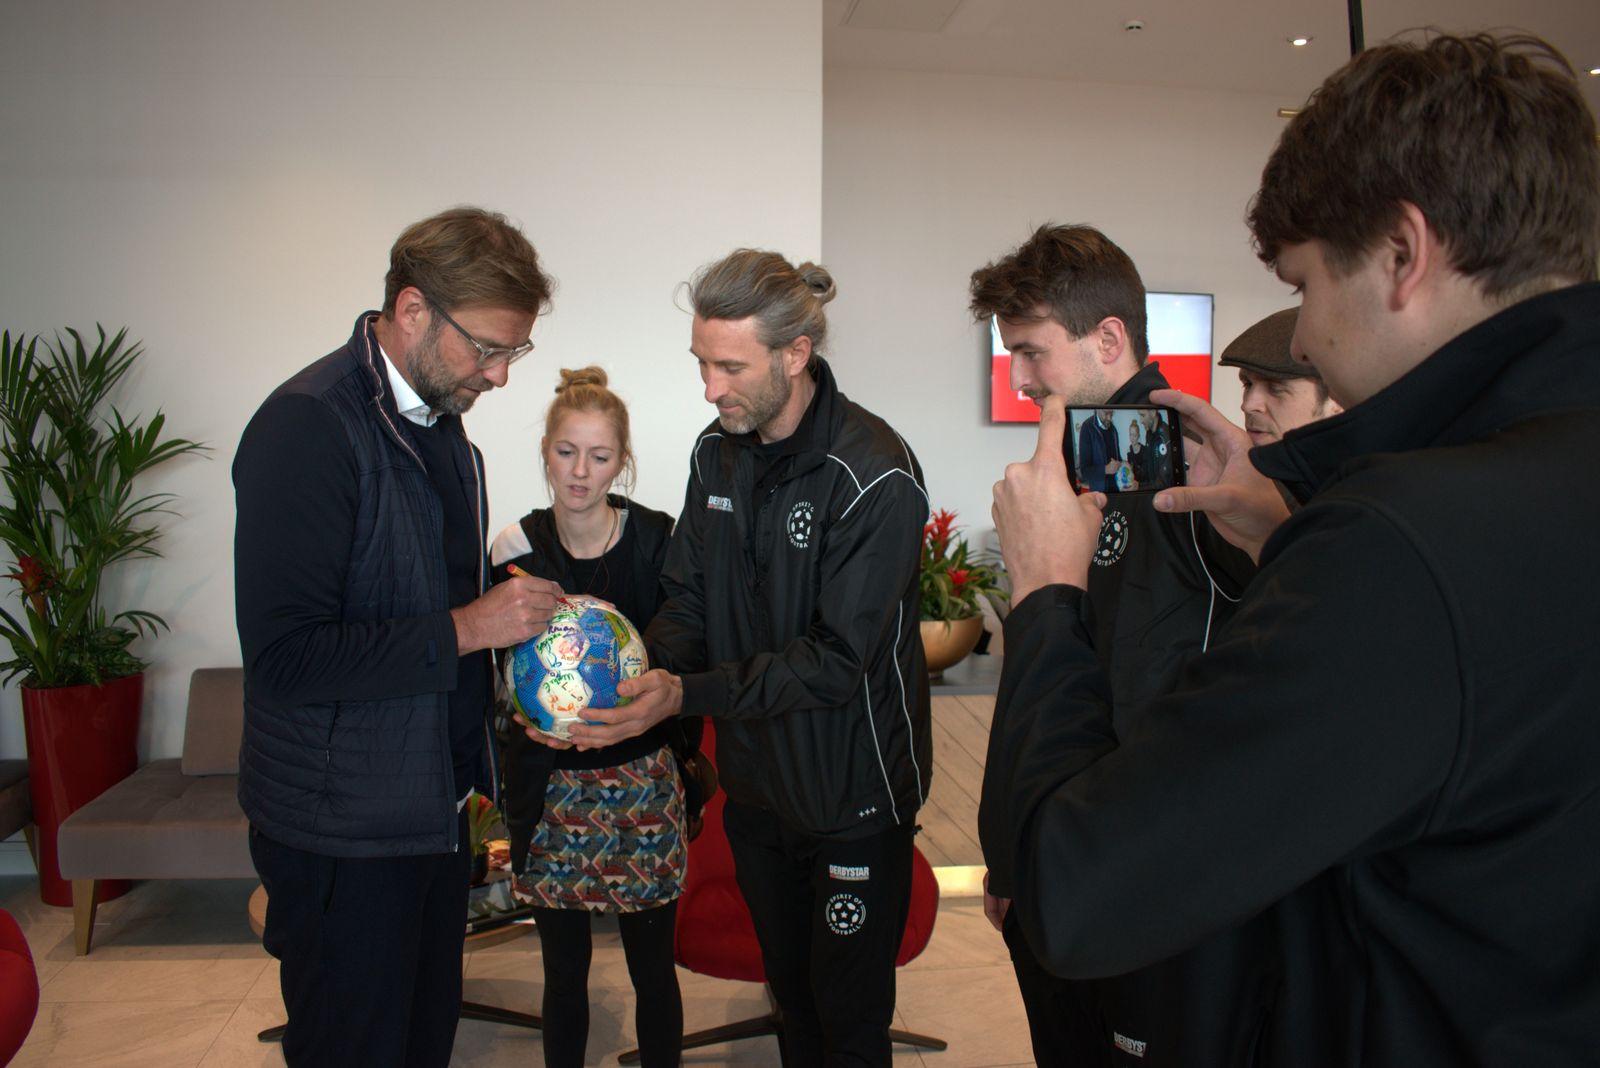 The Ball bei Jürgen Klopp